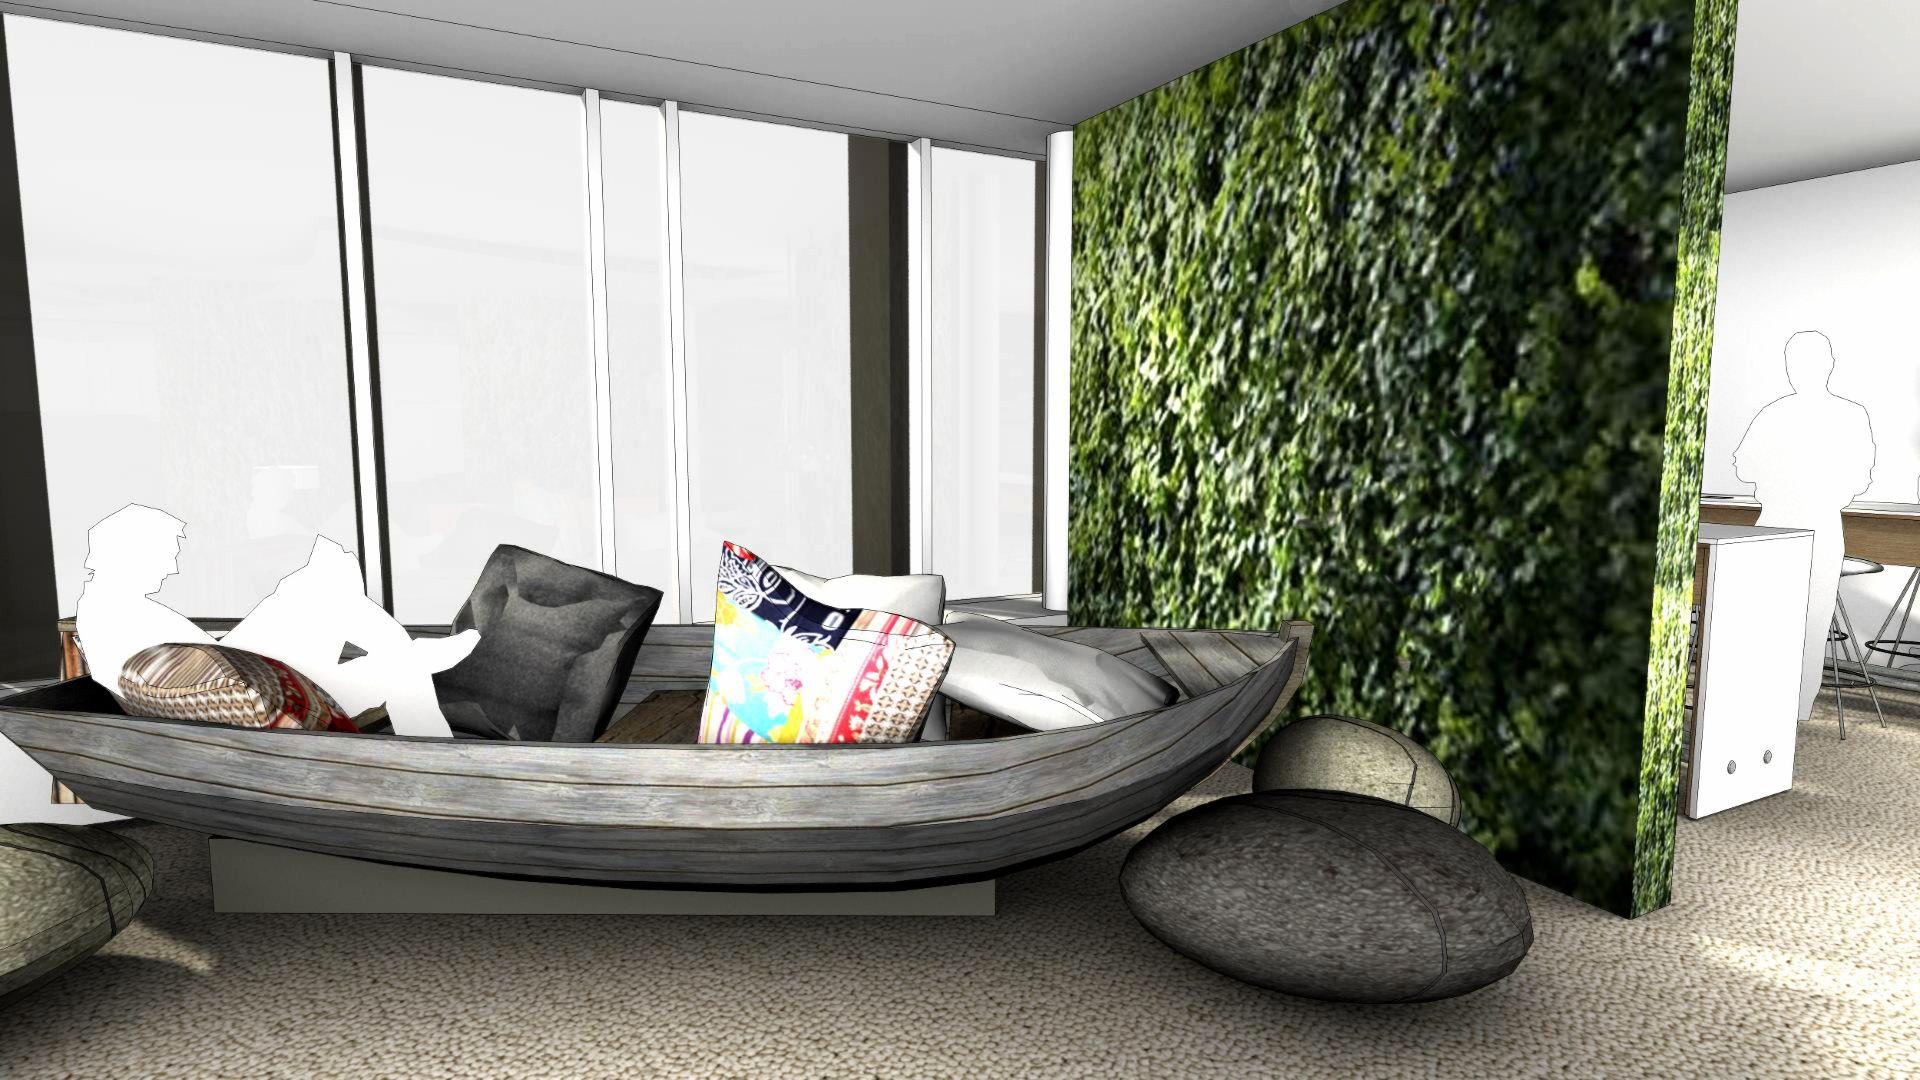 Büro Einrichten: Eine Ganz Andere Arbeitsumgebung Kann Innovative Ideen  Hervorbringen. Ein Boot Im Open